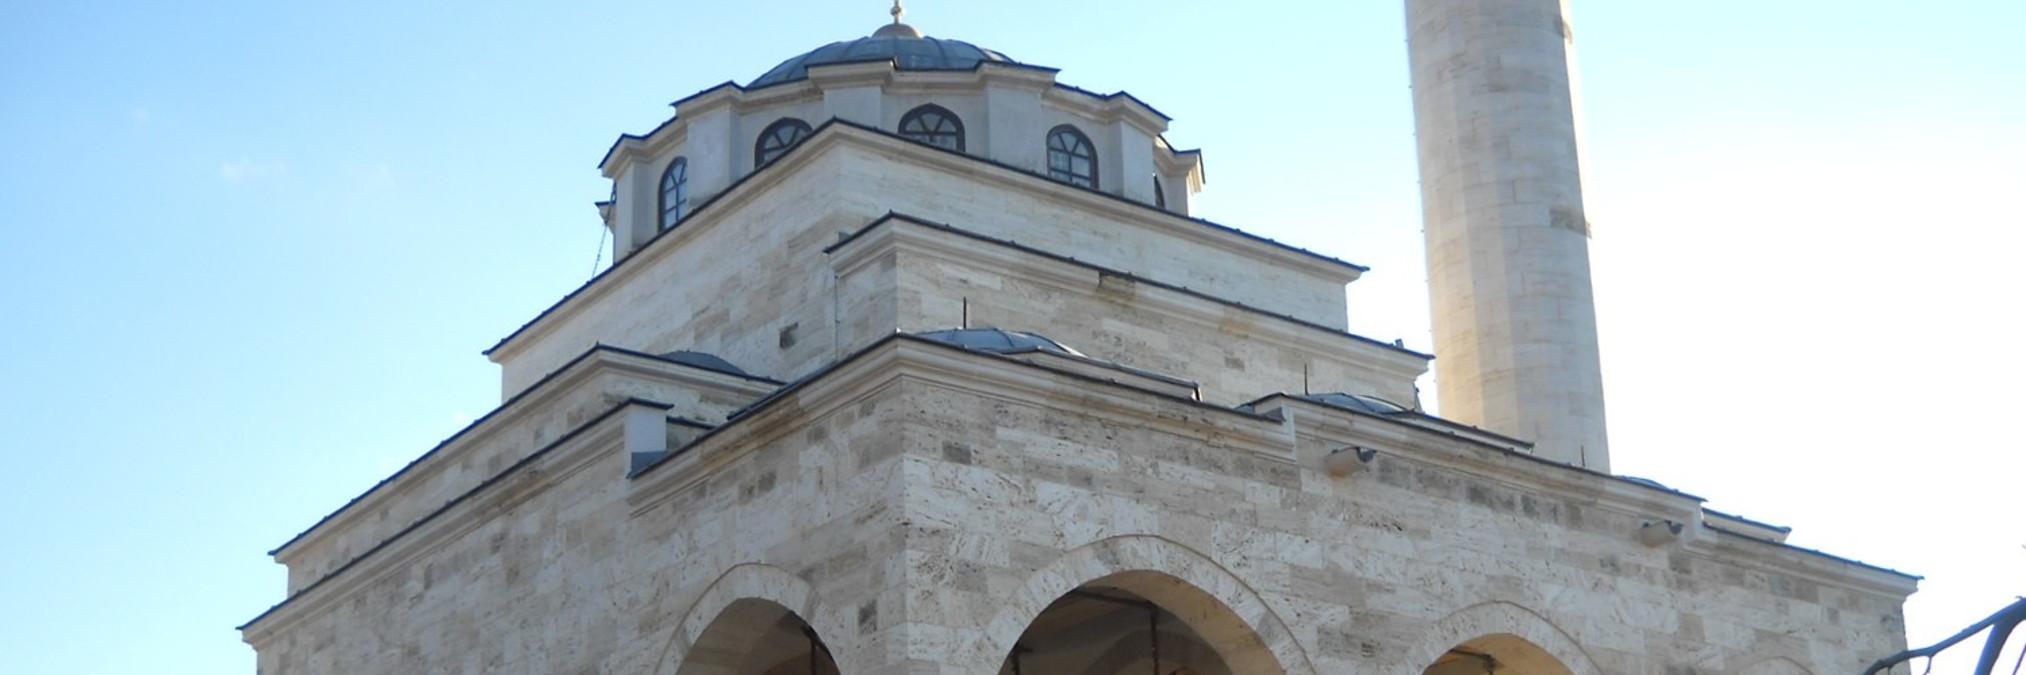 Мечеть Ферхадия в Баня Луке. Фото: Елена Арсениевич, CC BY-SA 3.0